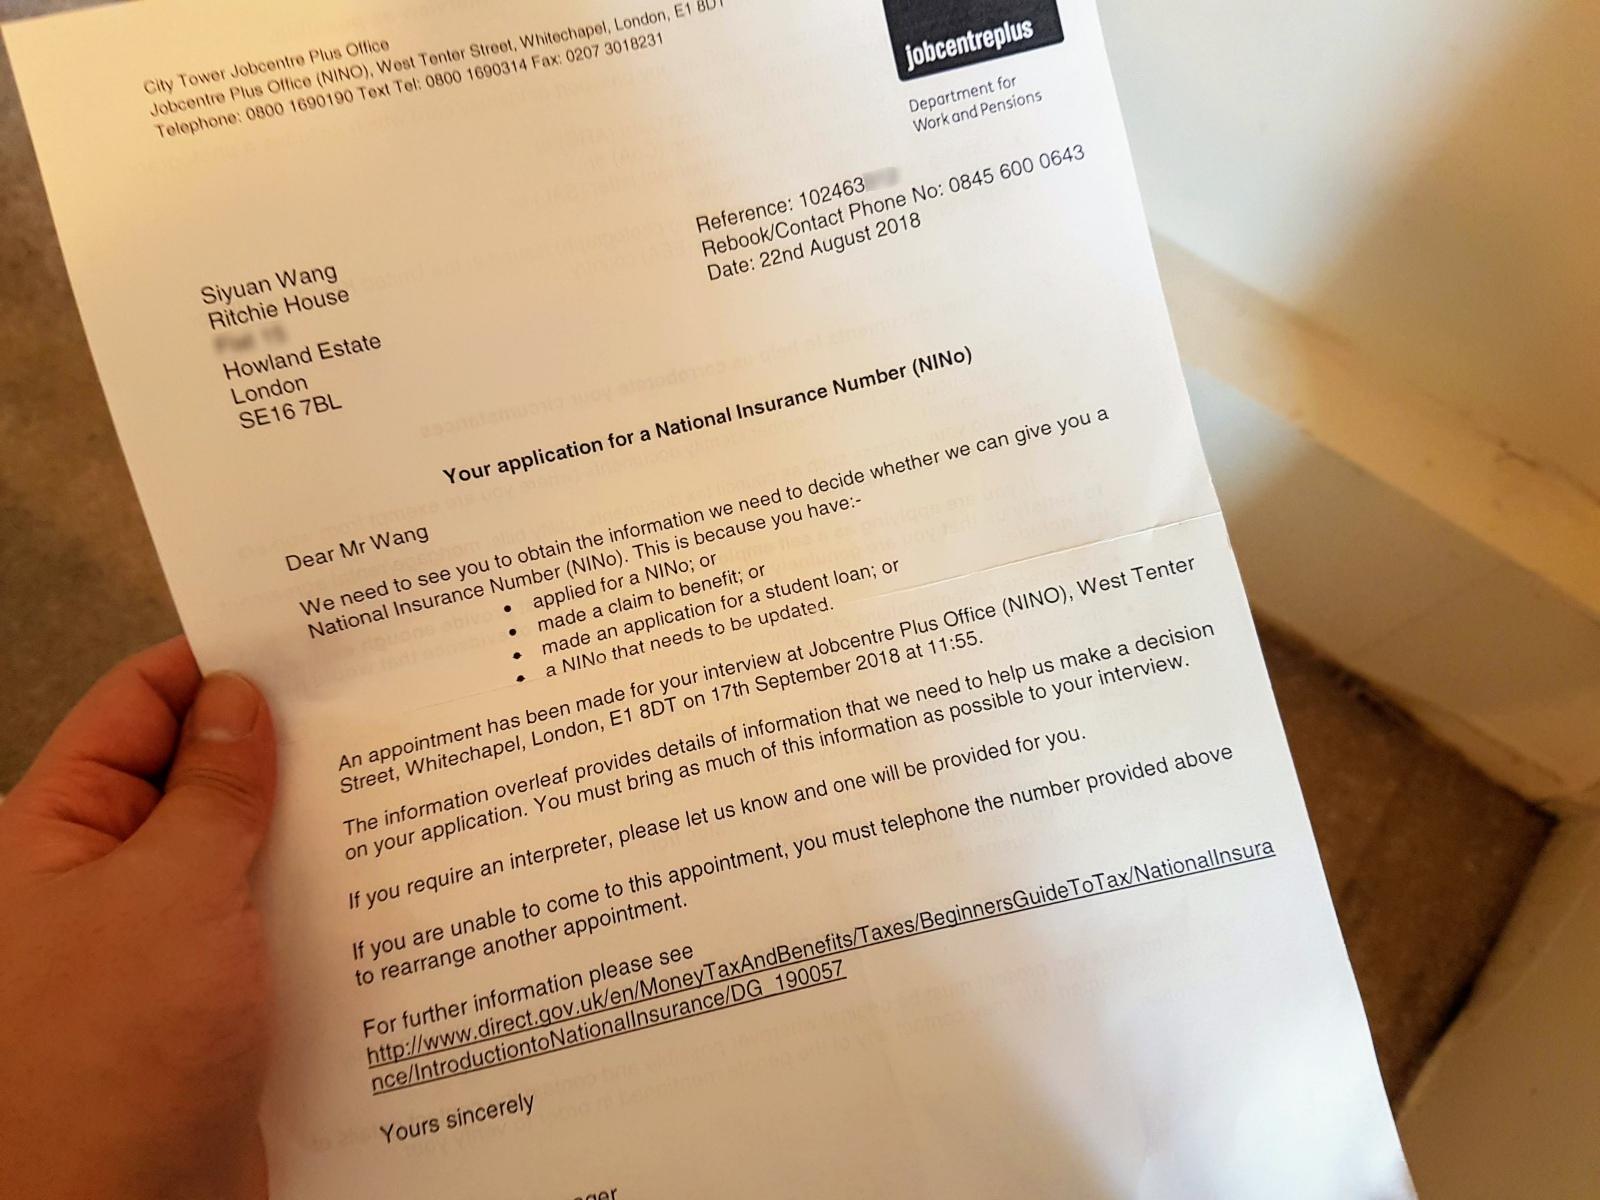 英國打工度假-工作稅務之必須。申請 National Insurance Number